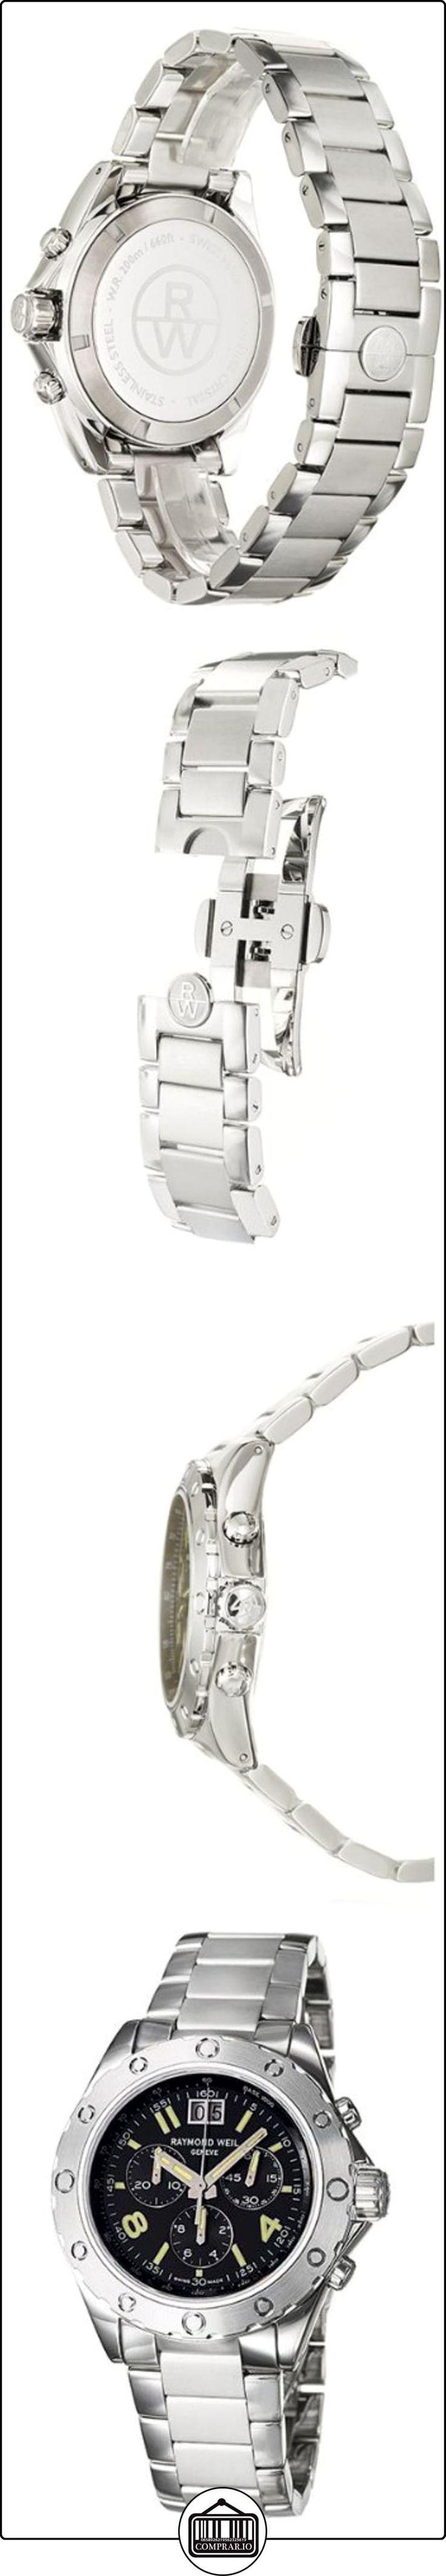 Raymond Weil 8500-ST-05207 - Reloj de caballero de cuarzo, correa de acero inoxidable color plata  ✿ Relojes para hombre - (Lujo) ✿